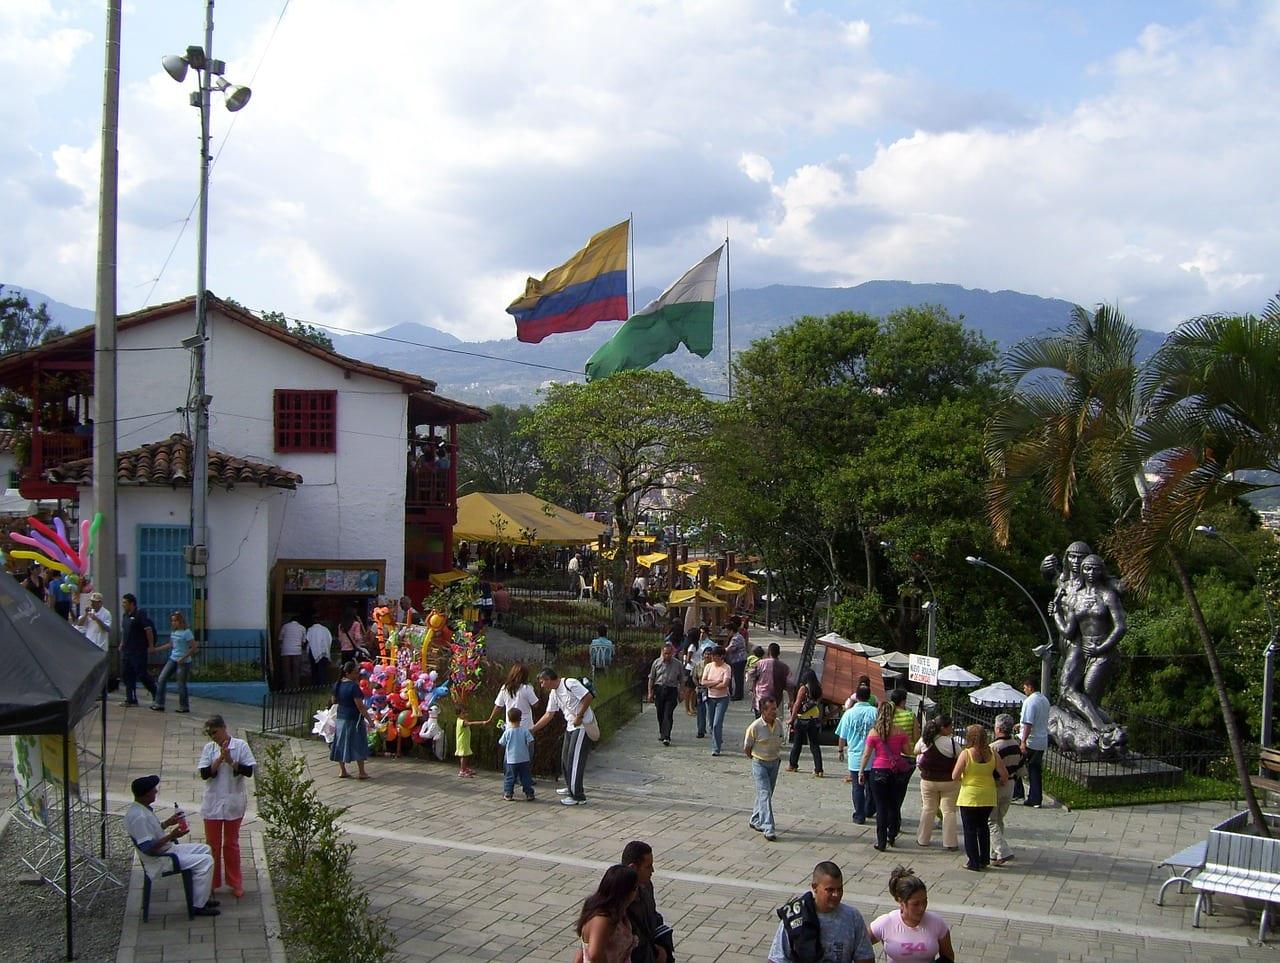 A square in Medellin, Colombia